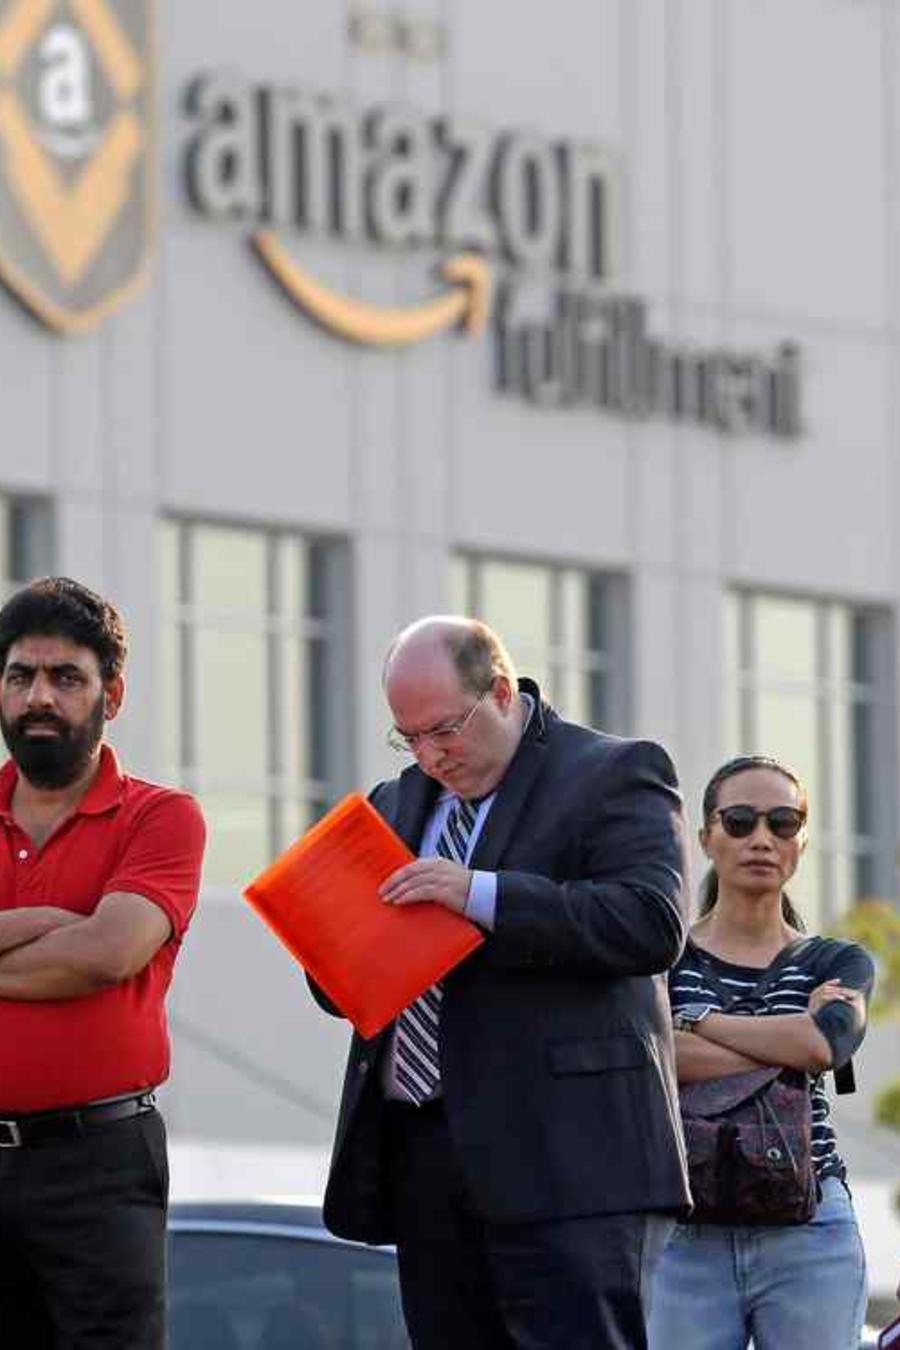 Personas ante el logotipo de Amazon en una imagen de archivo